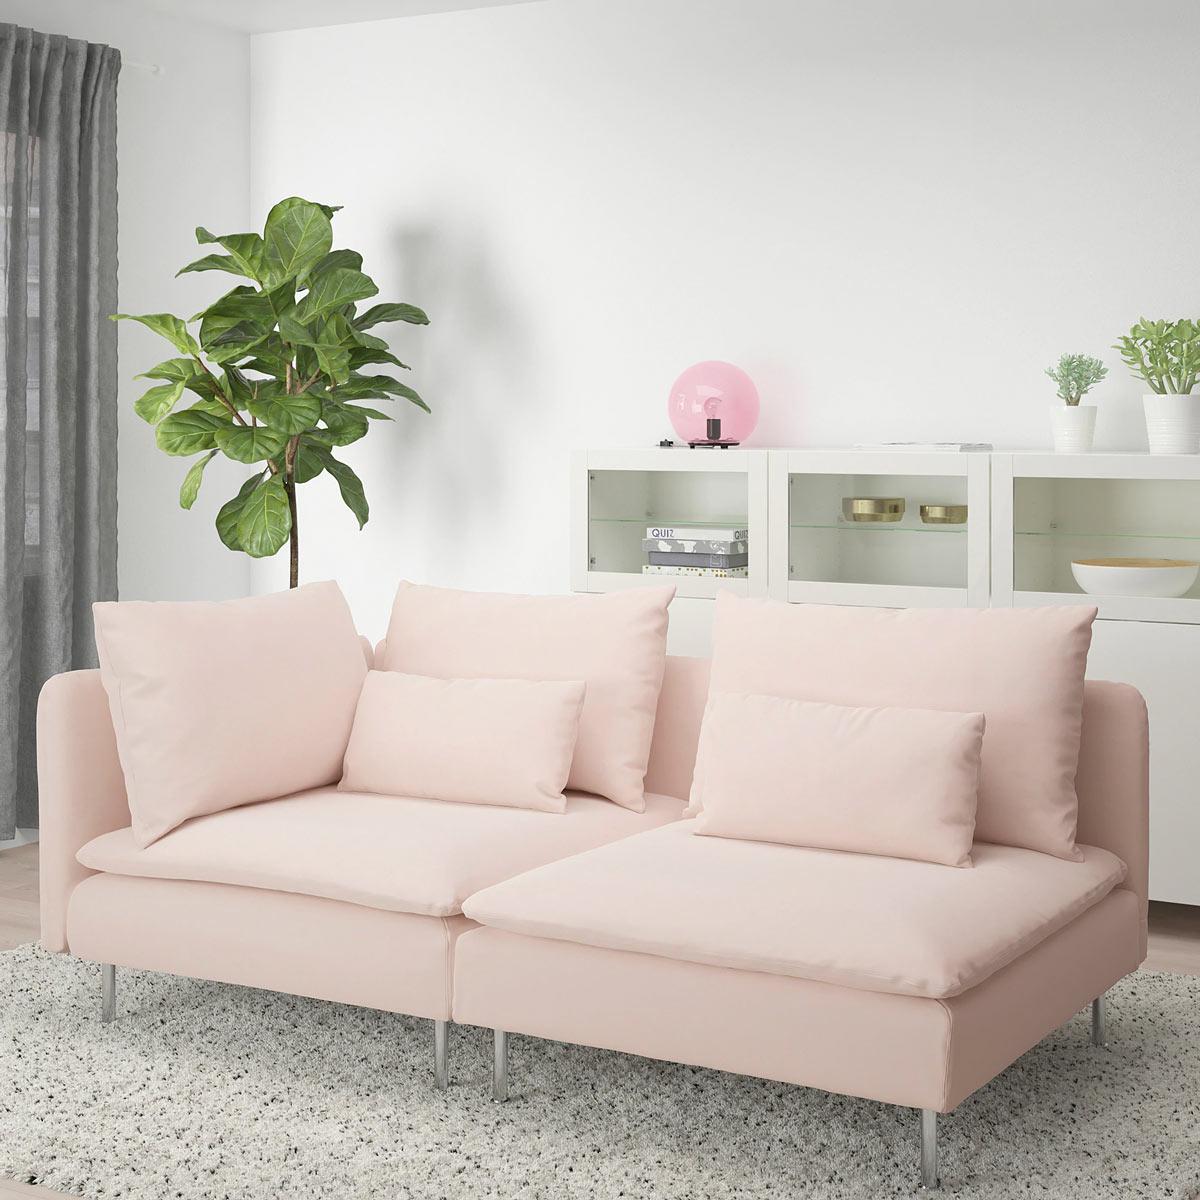 Divano rosa chiaro IKEA modello SÖDERHAMN, colori primaverili in salotto.